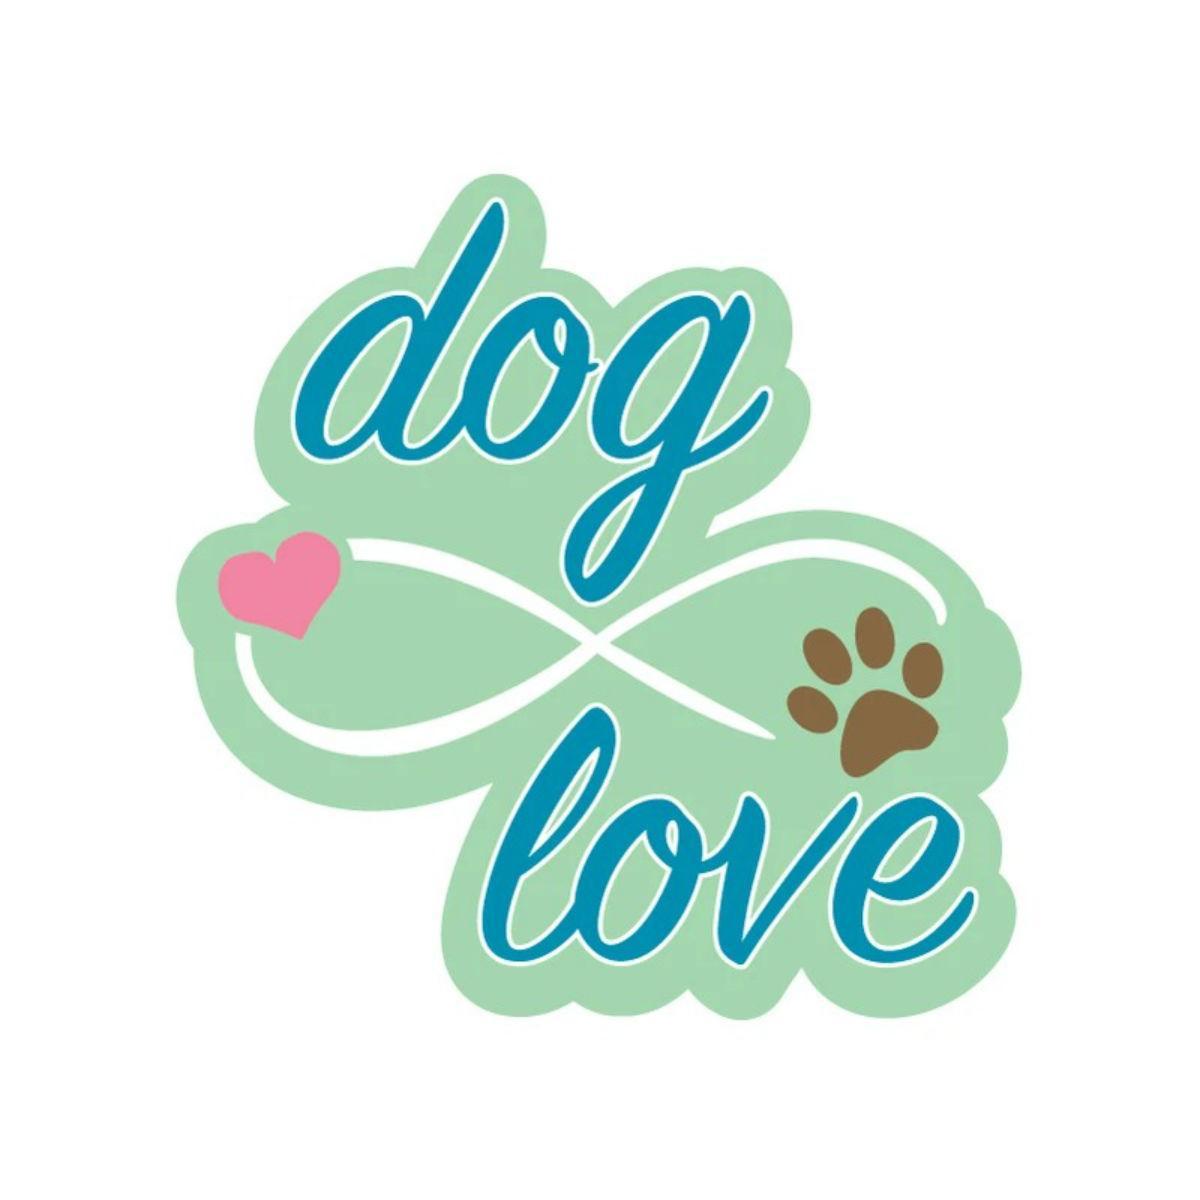 Infinite Dog Love Sticker by Dog Speak